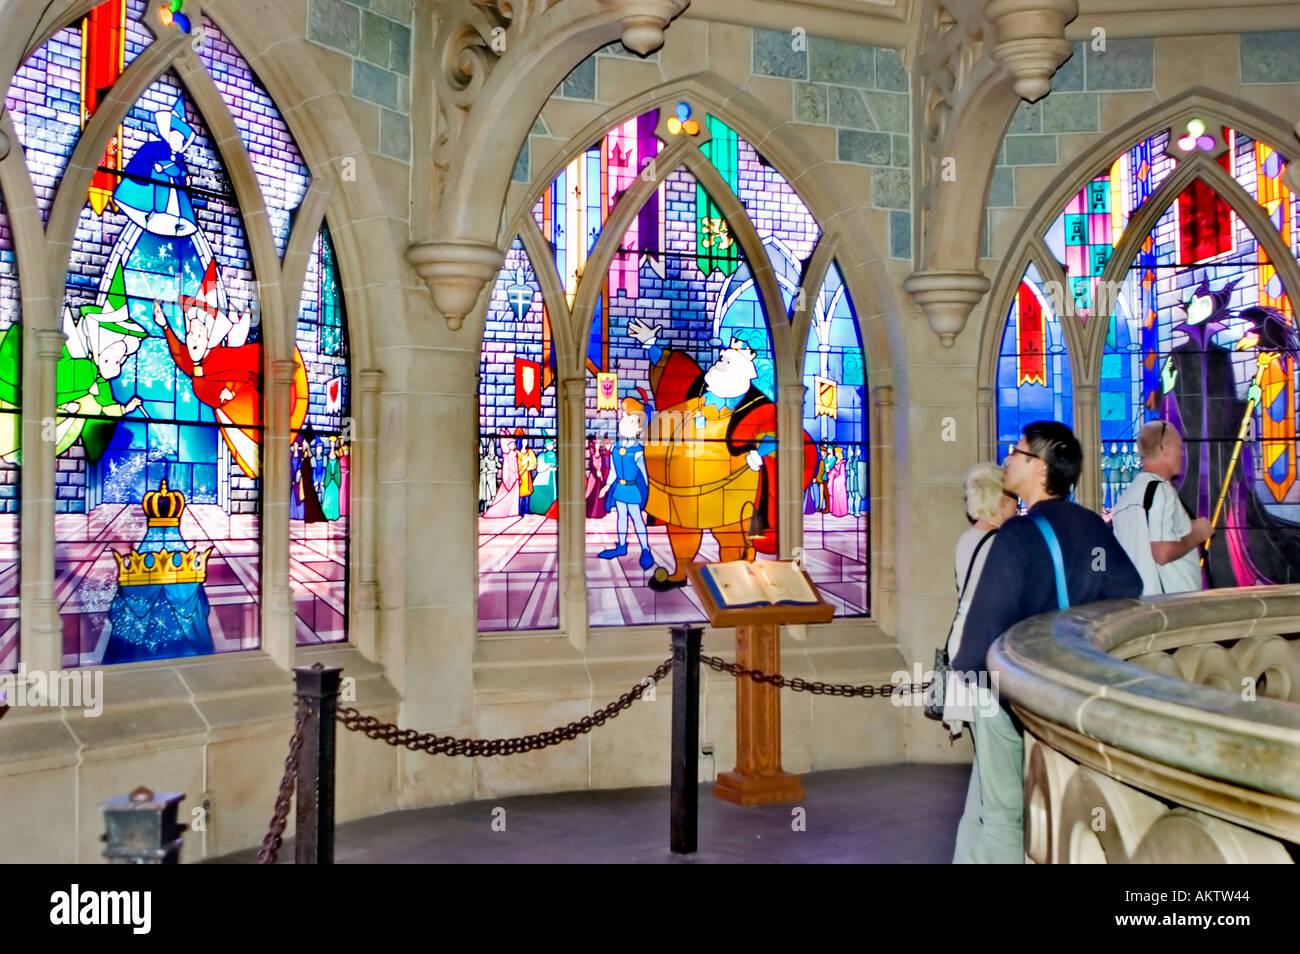 France amusement parks disneyland paris tourist visiting for Amusement parks in paris